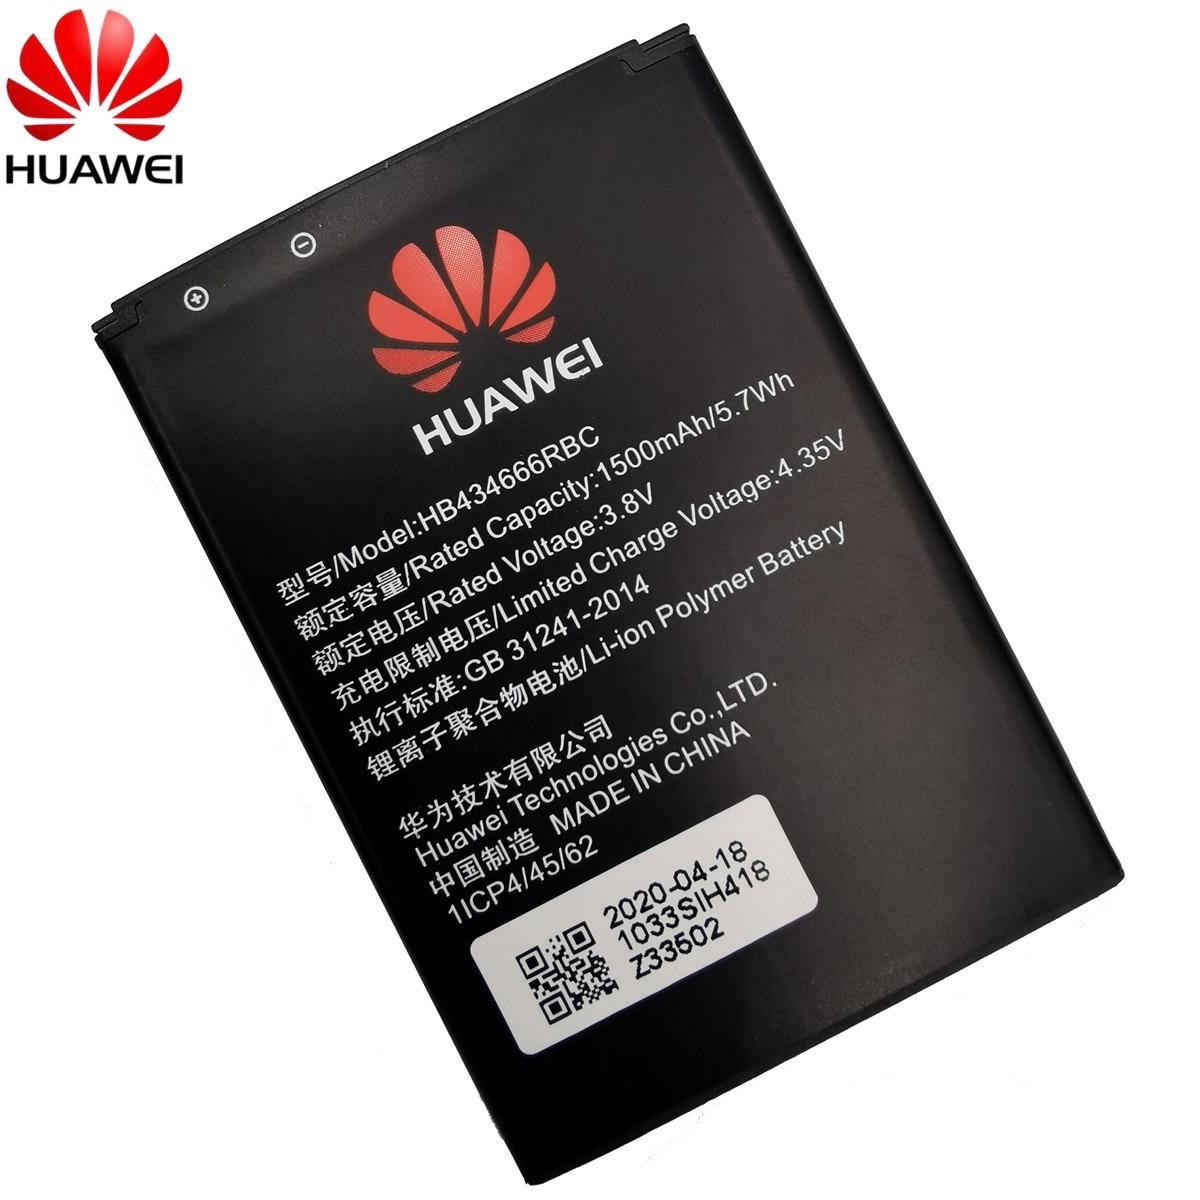 100% Original Battery HB434666RBC For Huawei Router E5573 E5573S E5573s-32 E5573s-320 E5573s-606 -806 High Capacity 1500mAh 3